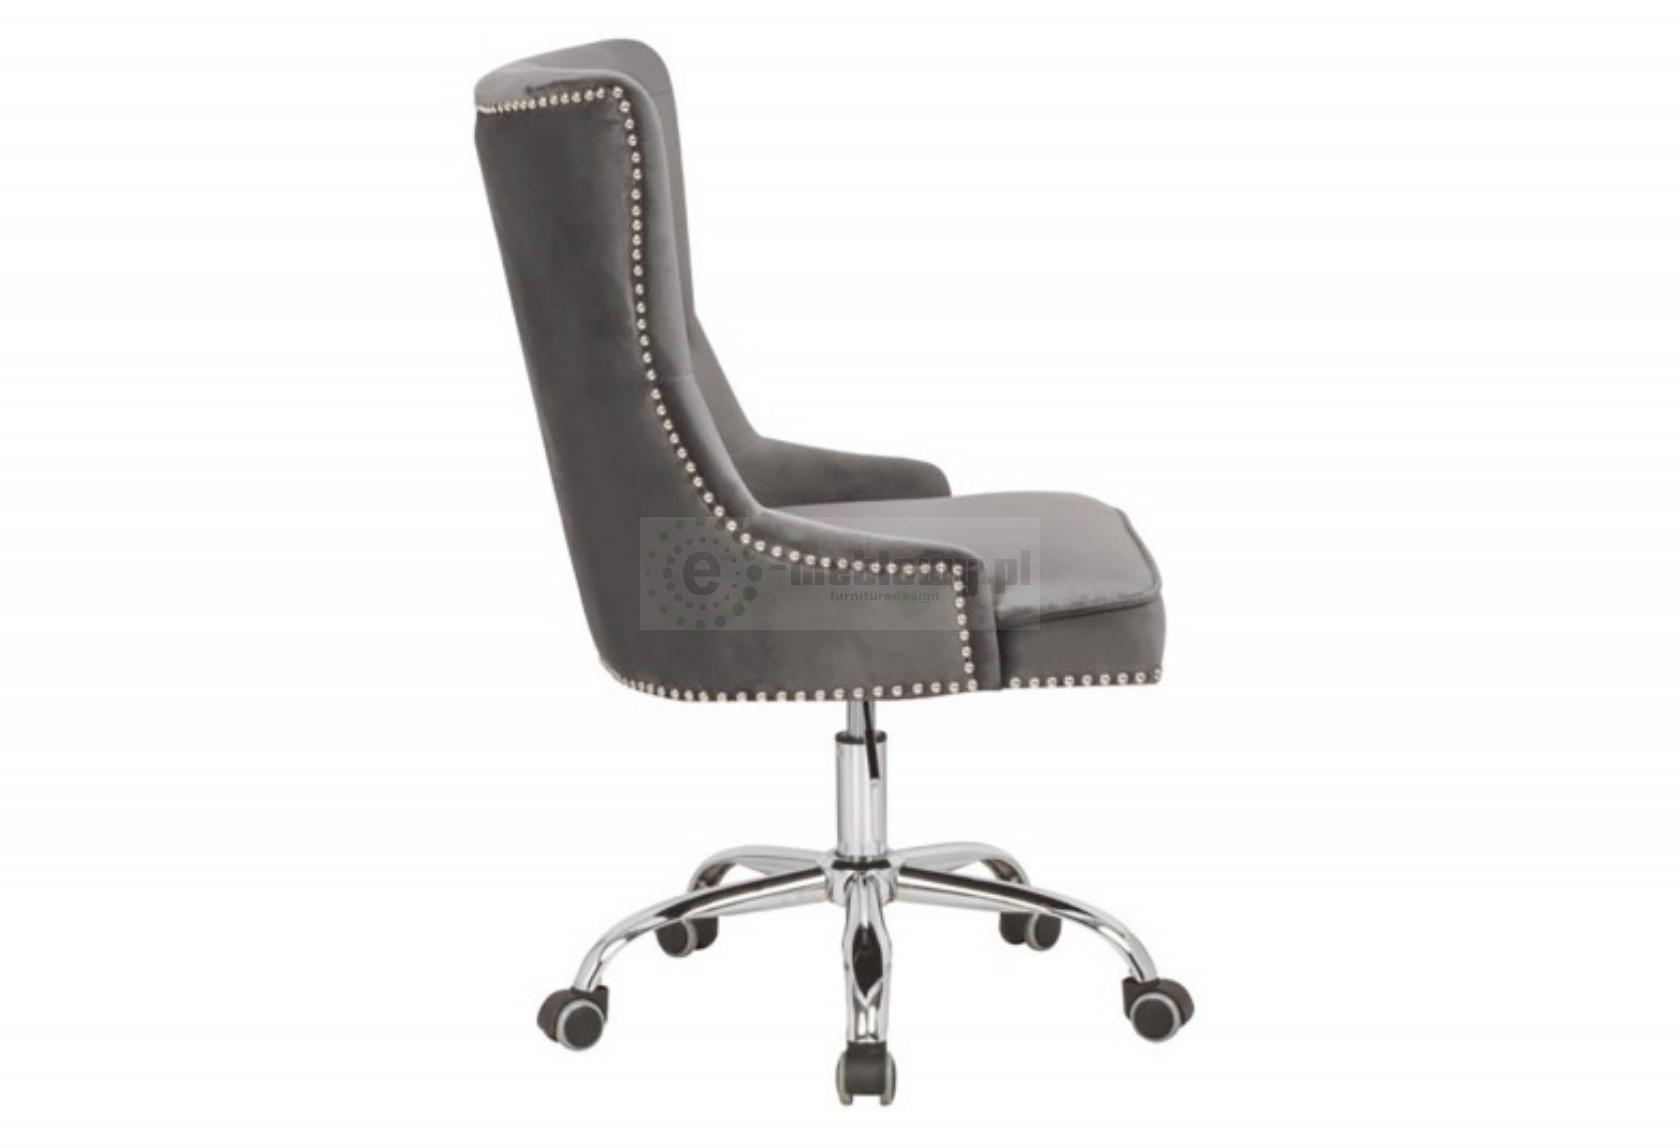 Fotel obrotowy, krzesło do biura, krzesło biurowe z aksamitu